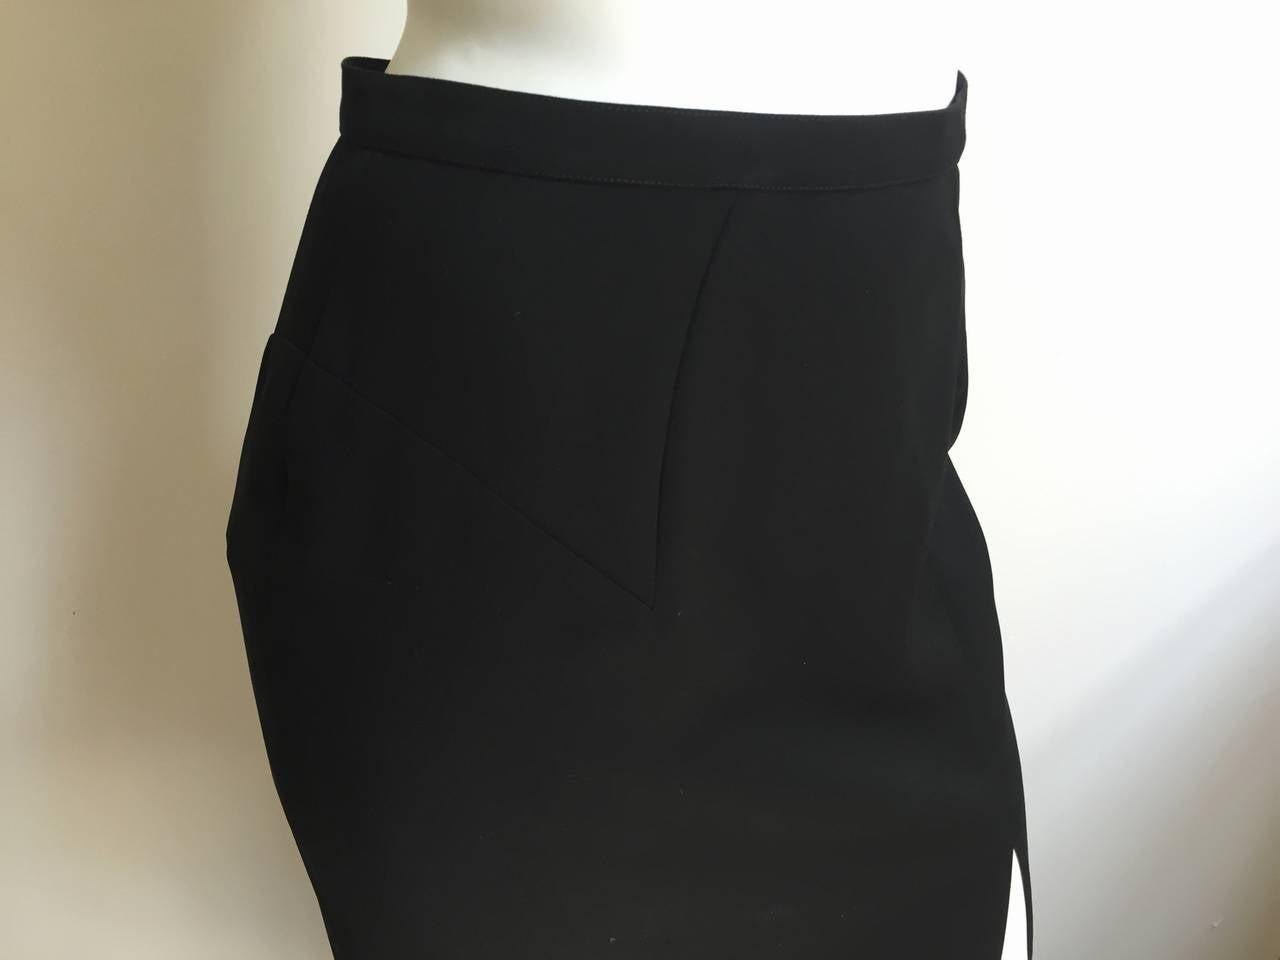 Mugler 90s Black Evening Skirt Size 4. 5